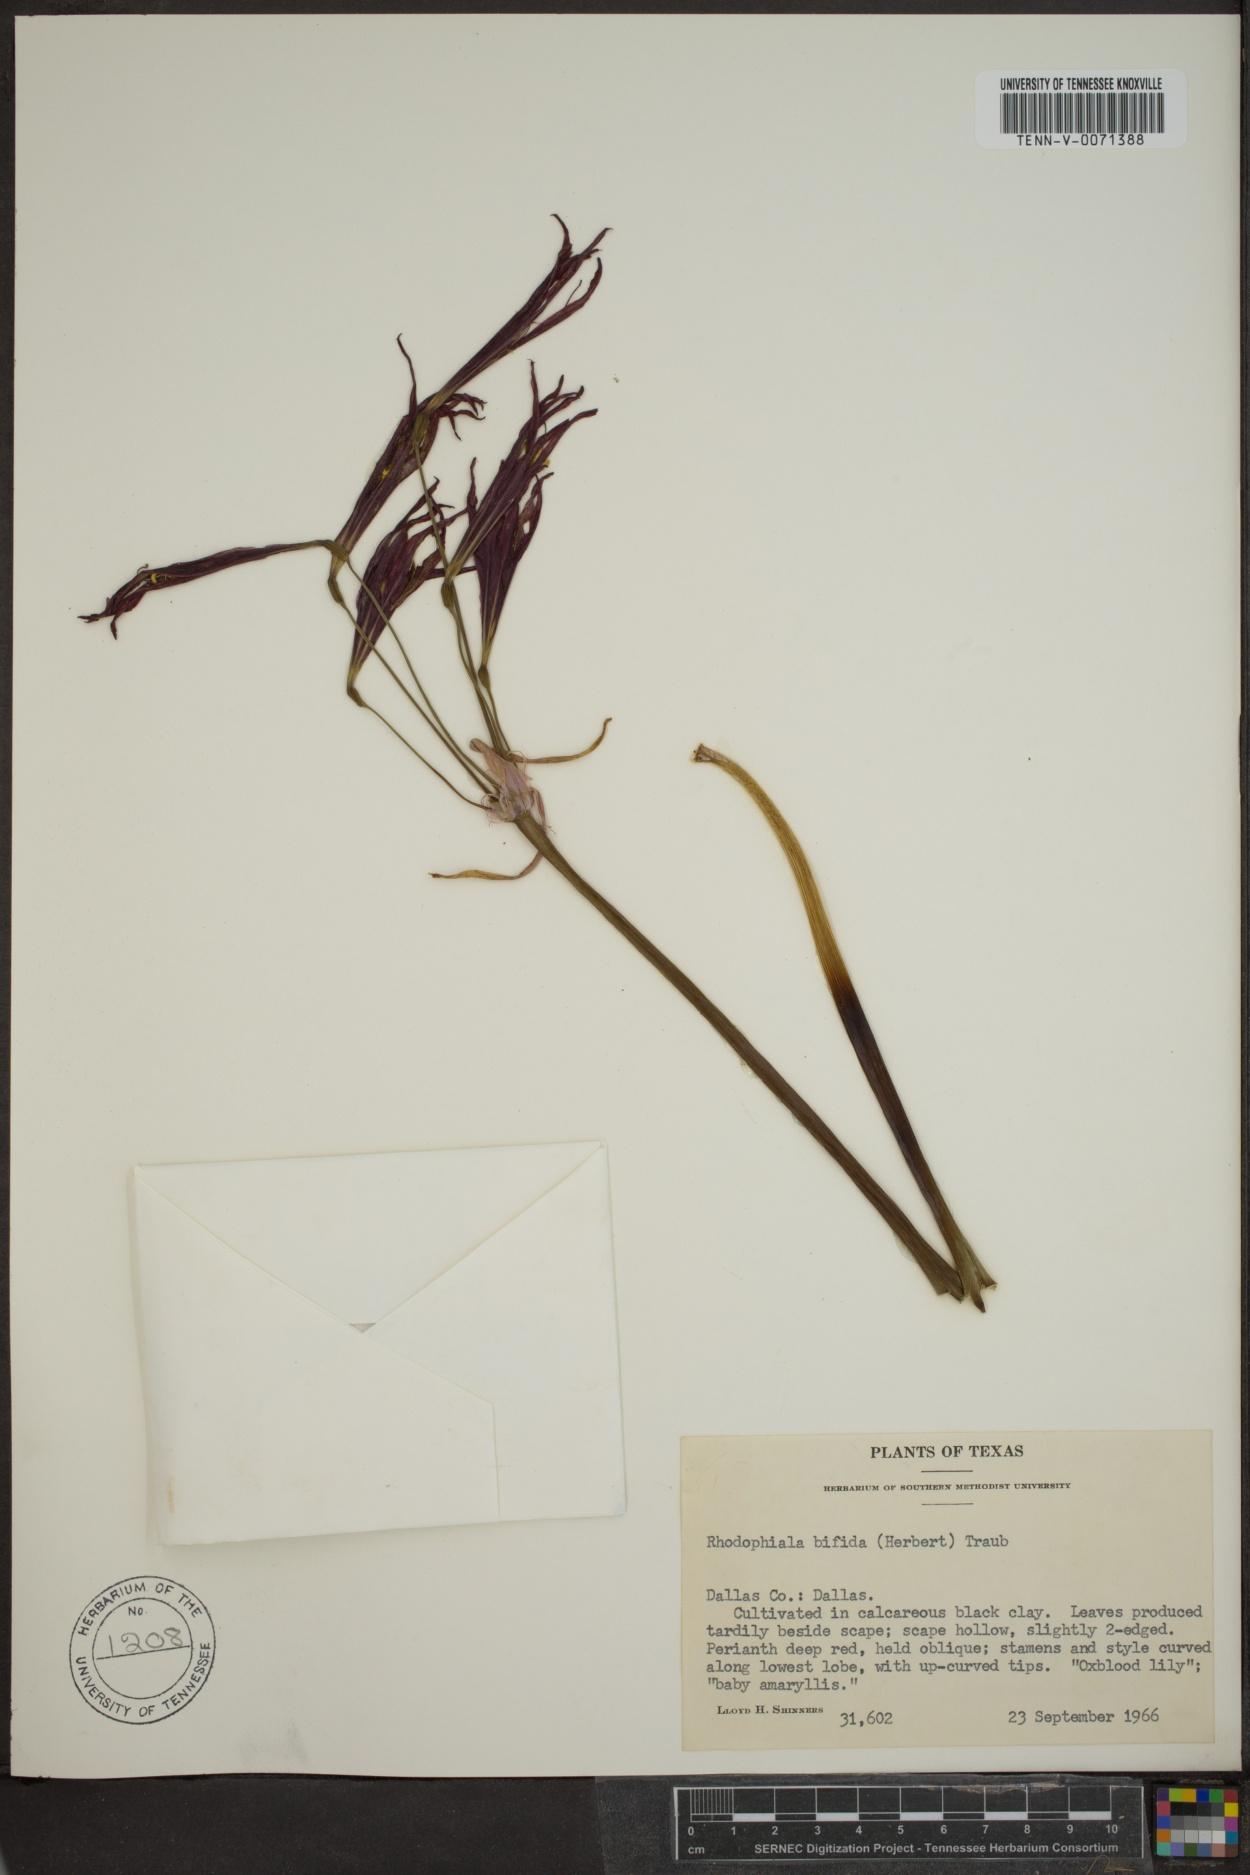 Rhodophiala biflora image